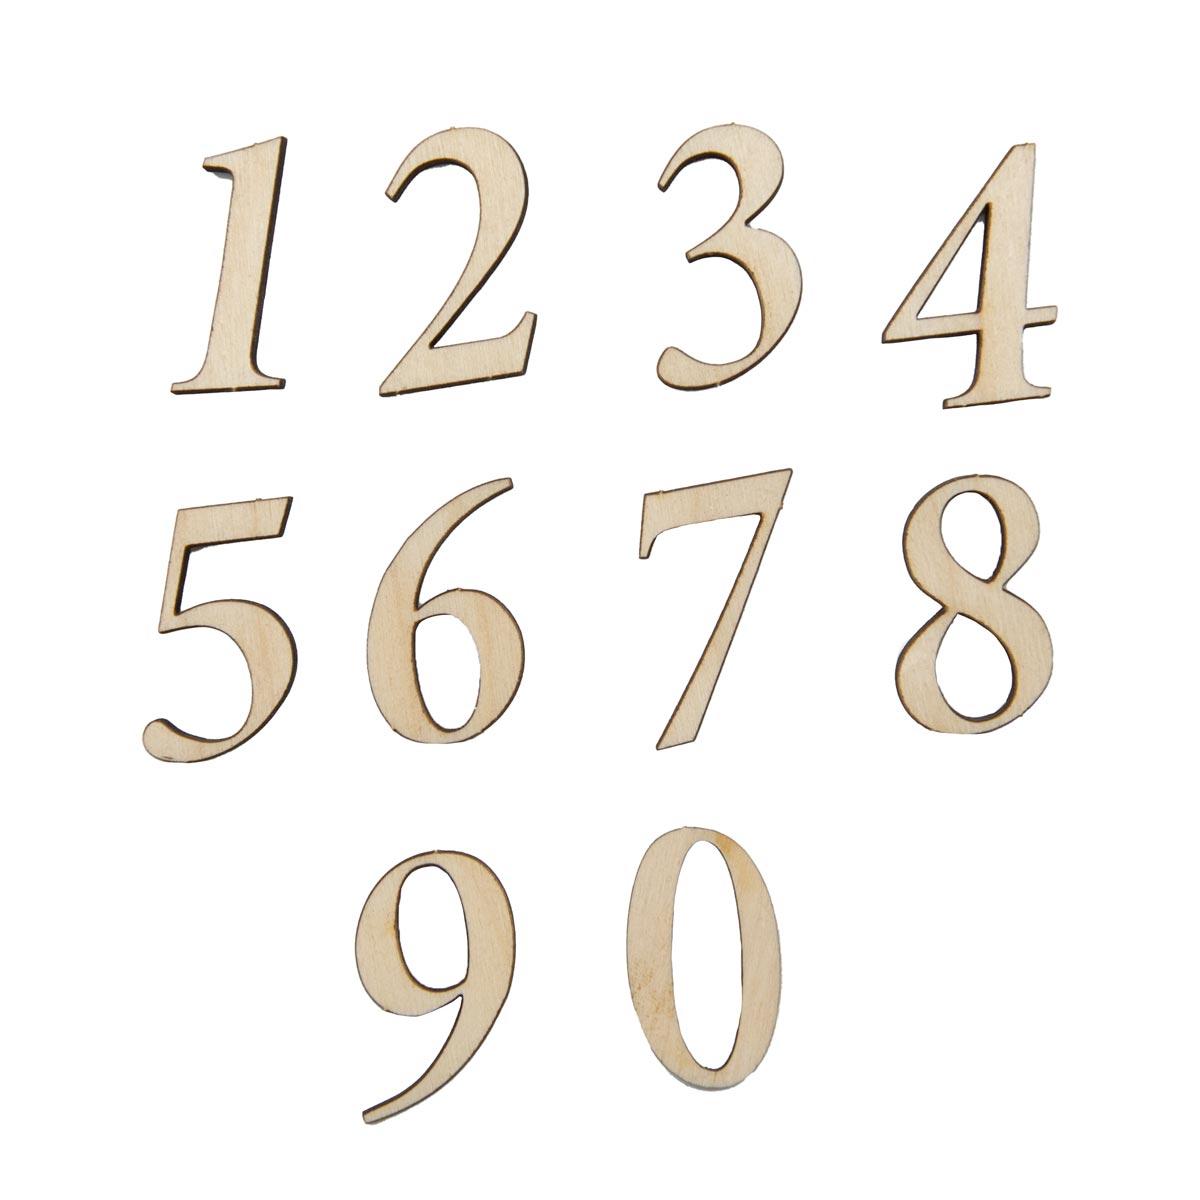 L-142 Деревянная заготовка 'Набор цифр №1, арабские', 3 см, 'Астра'